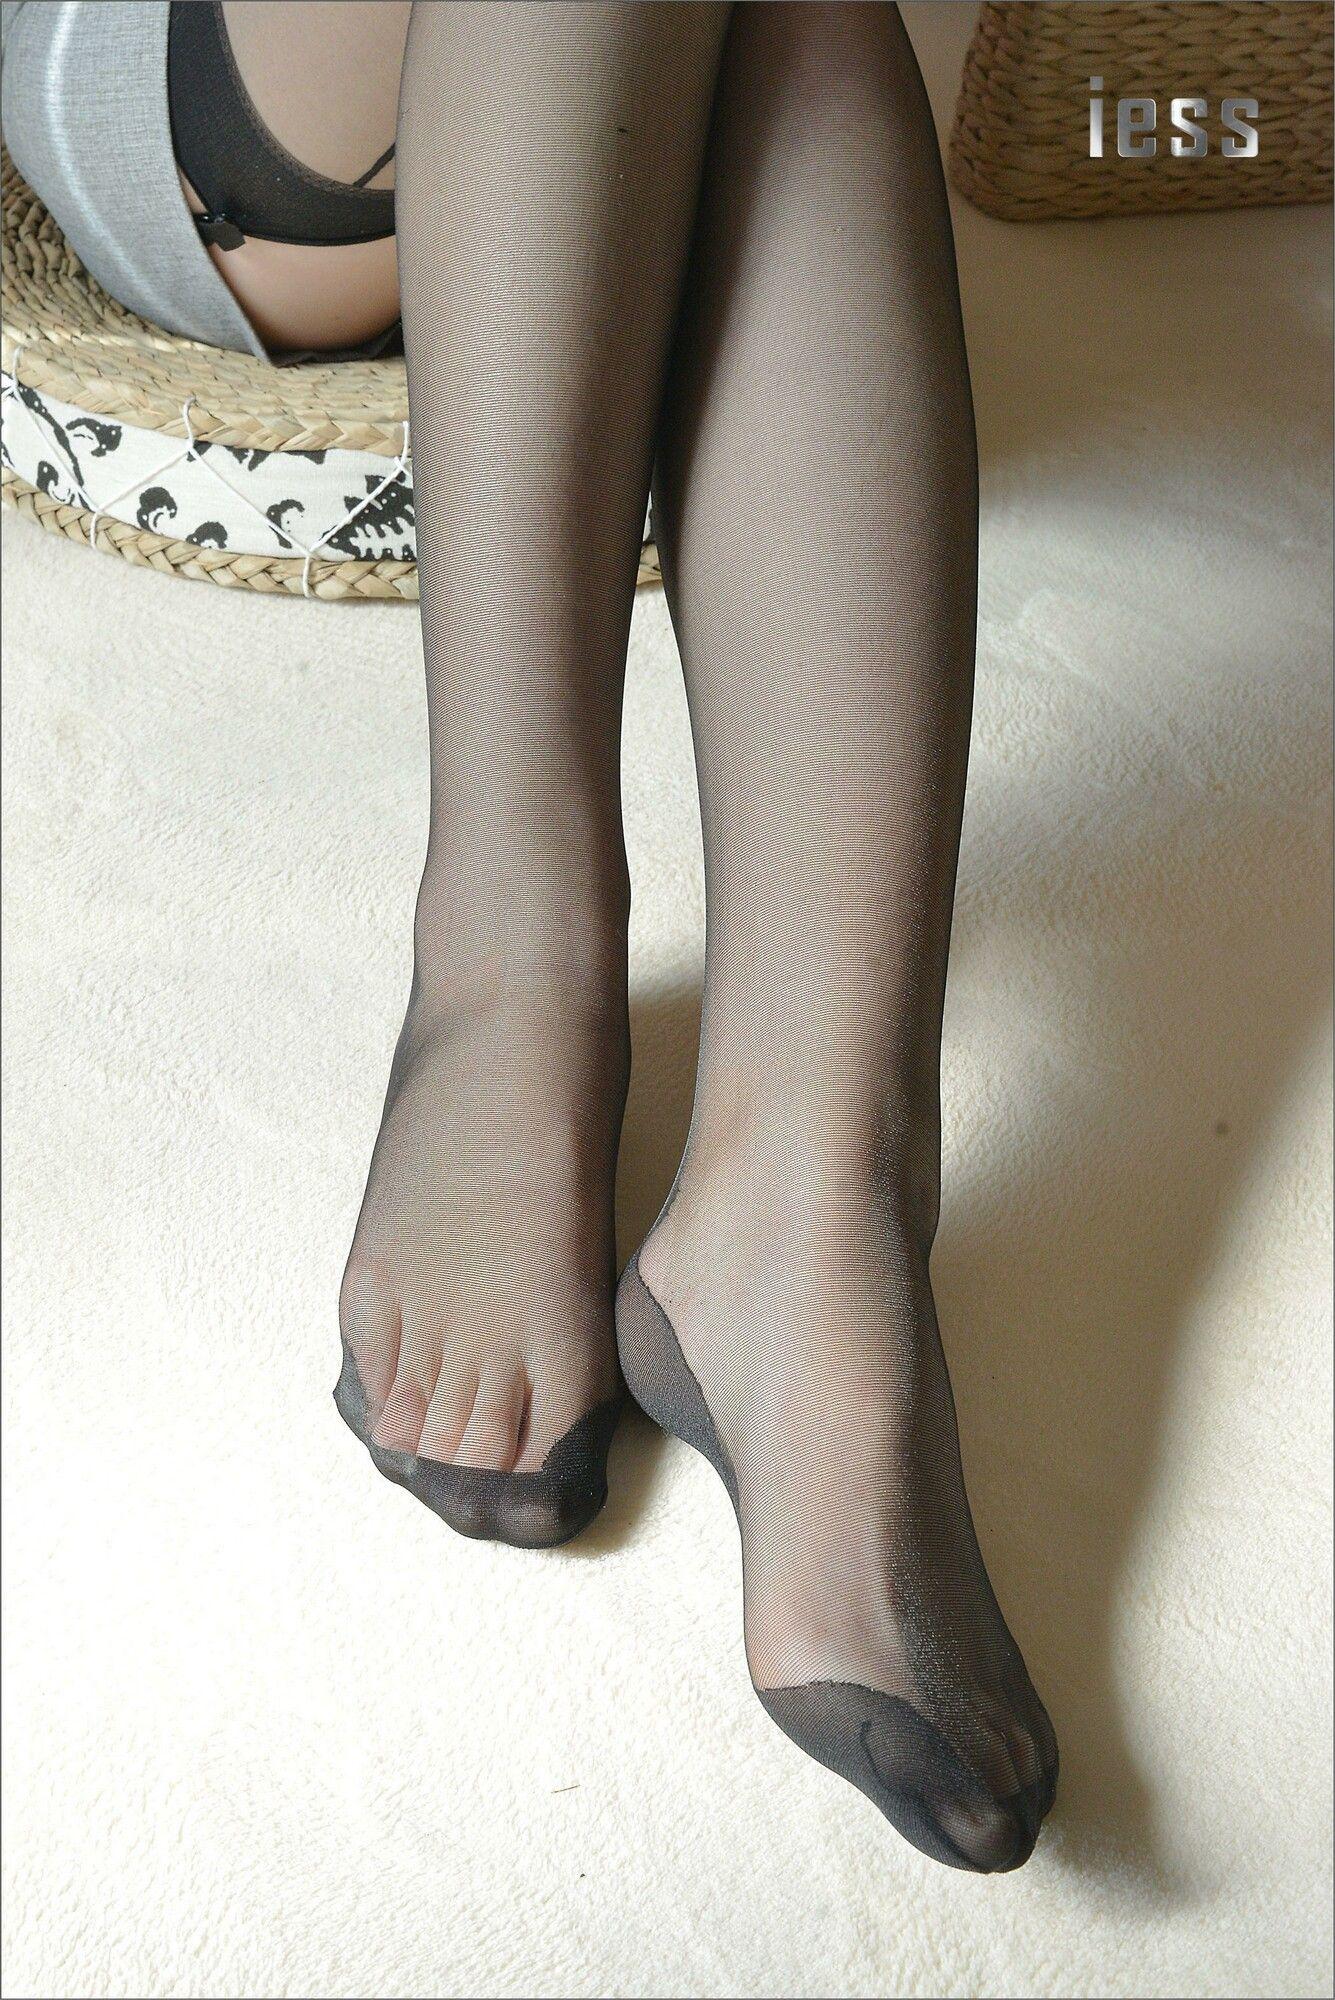 [异思趣向] 温暖的黑丝吊带袜[99P] 异思趣向 第4张